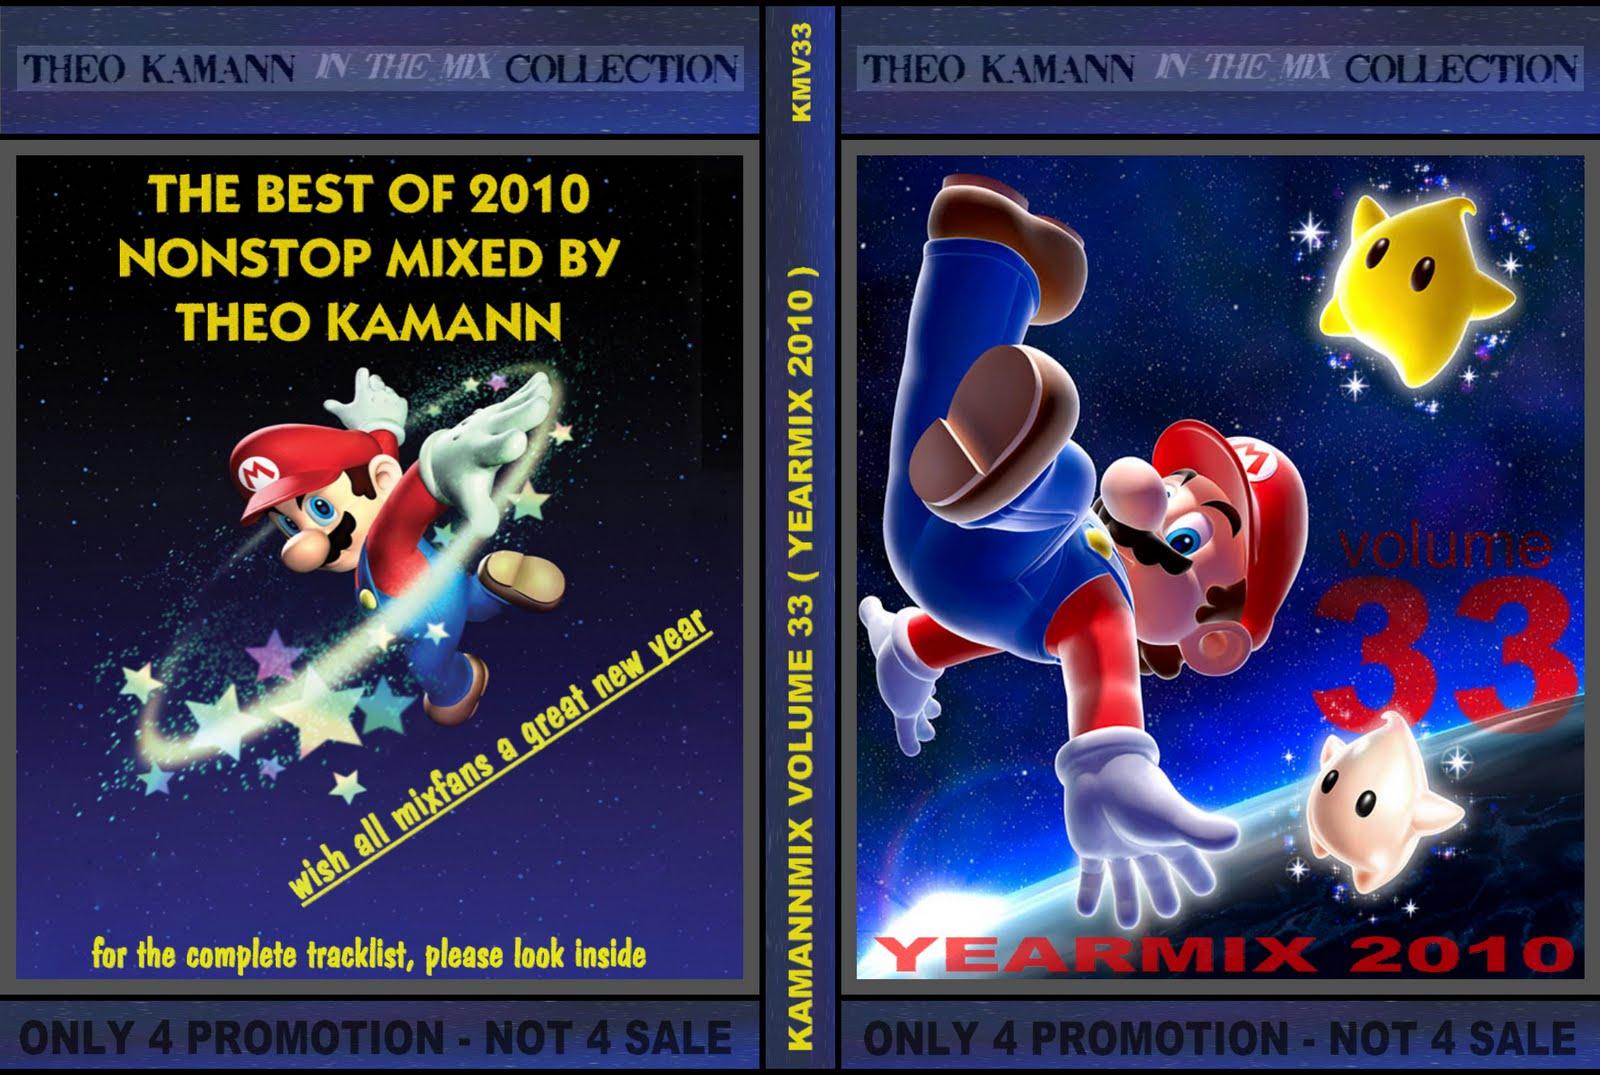 http://4.bp.blogspot.com/_uO4Shjme1i0/TRKWyqi1JNI/AAAAAAAATgM/iLneJ2b5OQ8/s1600/Theo_Kamann_Presents_Kamannmix_Volume_33_%2528The_Yearmix_2010%2529-complete_1.jpg